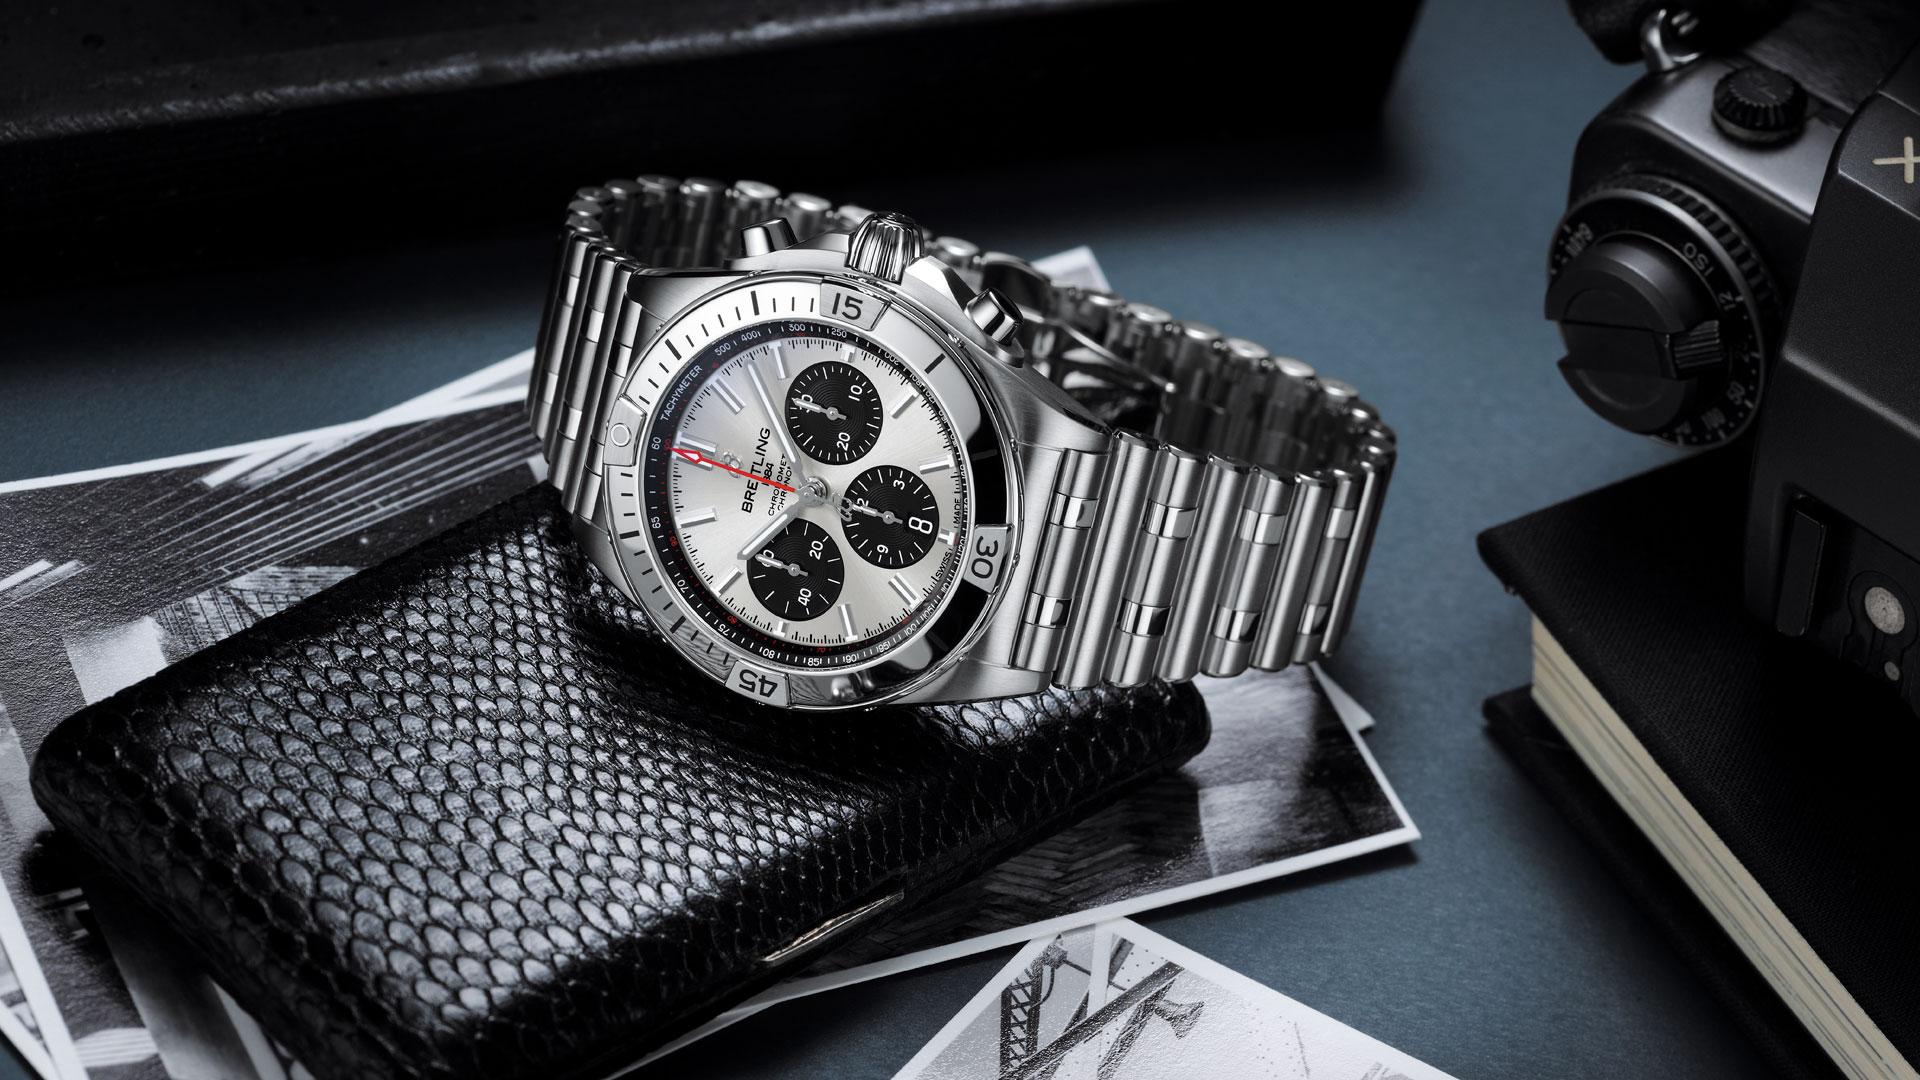 La Nueva Colección Chronomat De Breitling: El Reloj Deportivo Todoterreno Para Cualquier Actividad